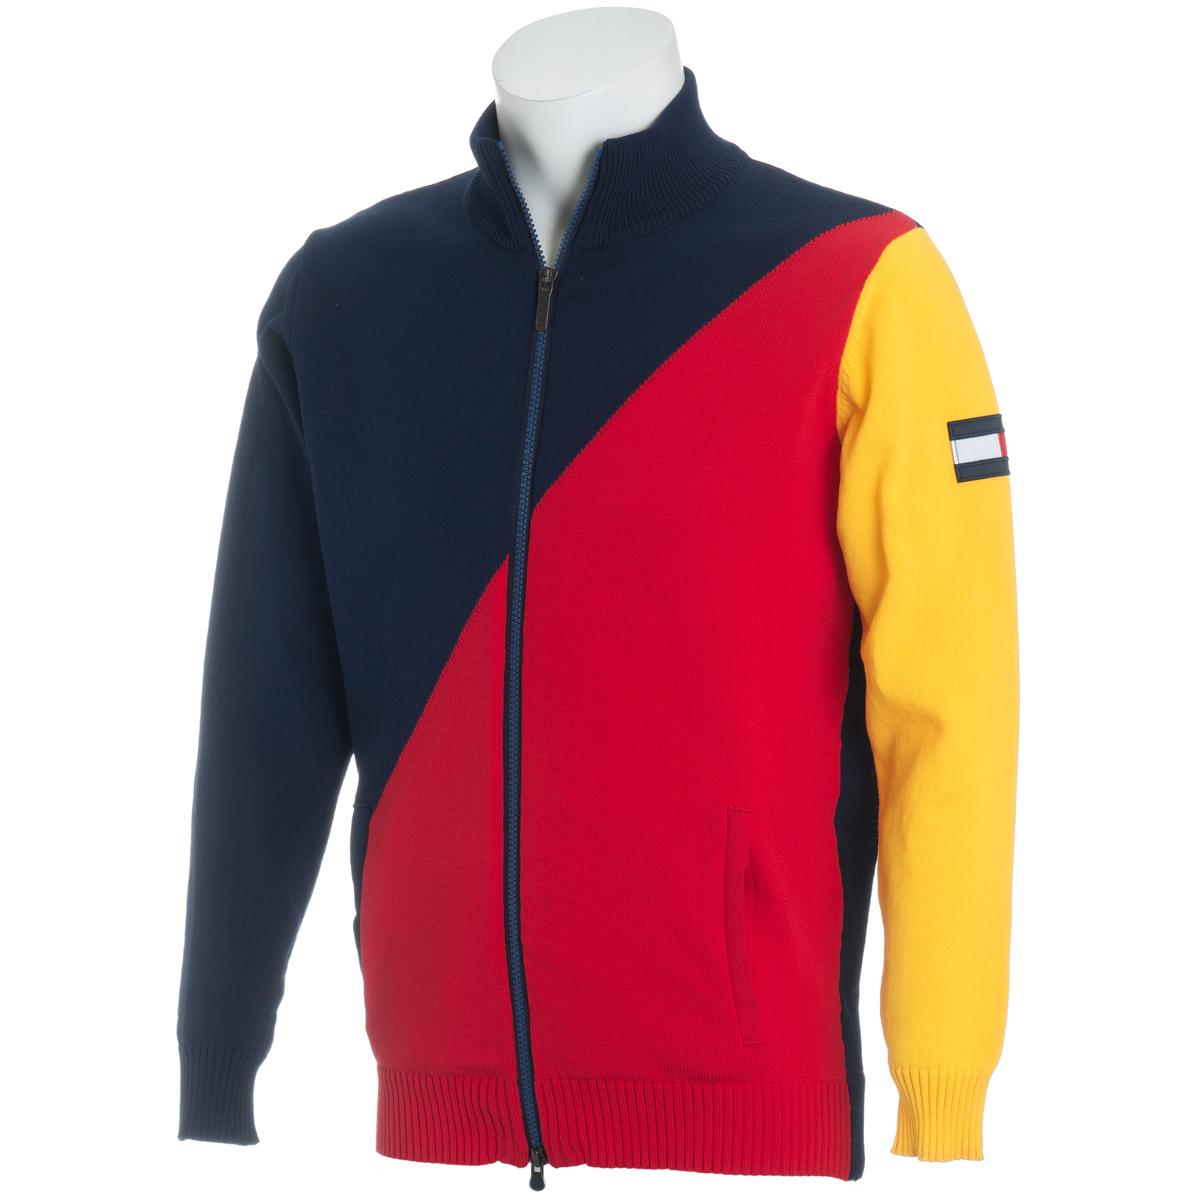 NAUTICAL BIAS ジップアップ セーター